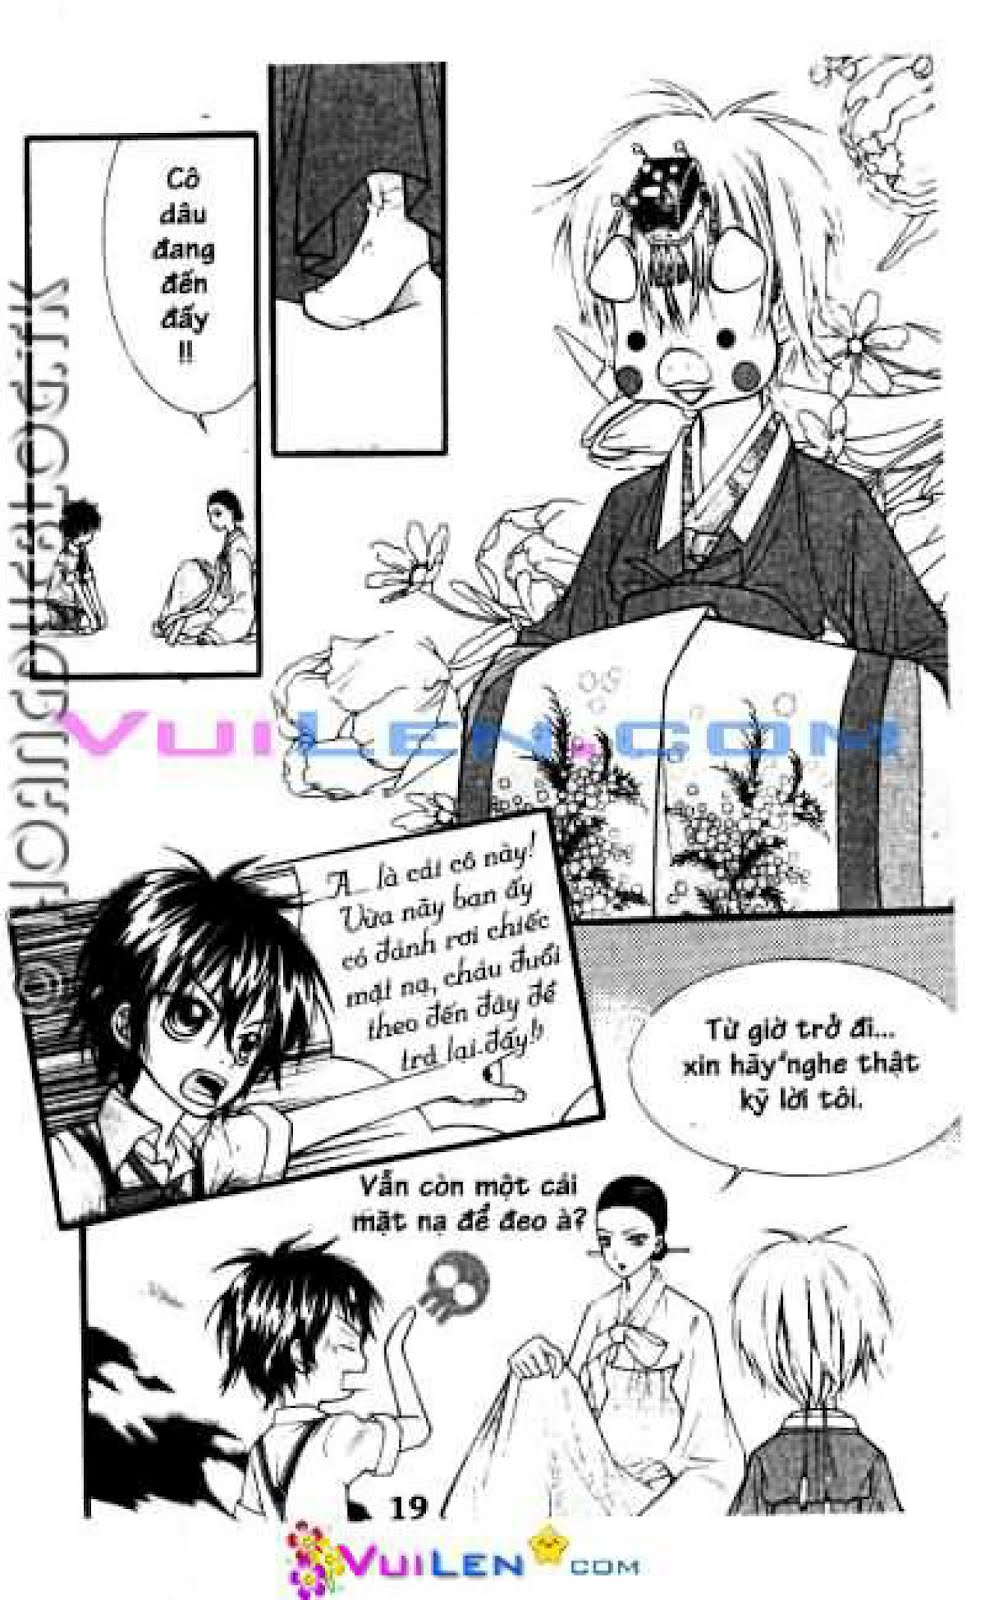 Cô dâu Heo - Pig Bride Chapter 1 - Trang 17